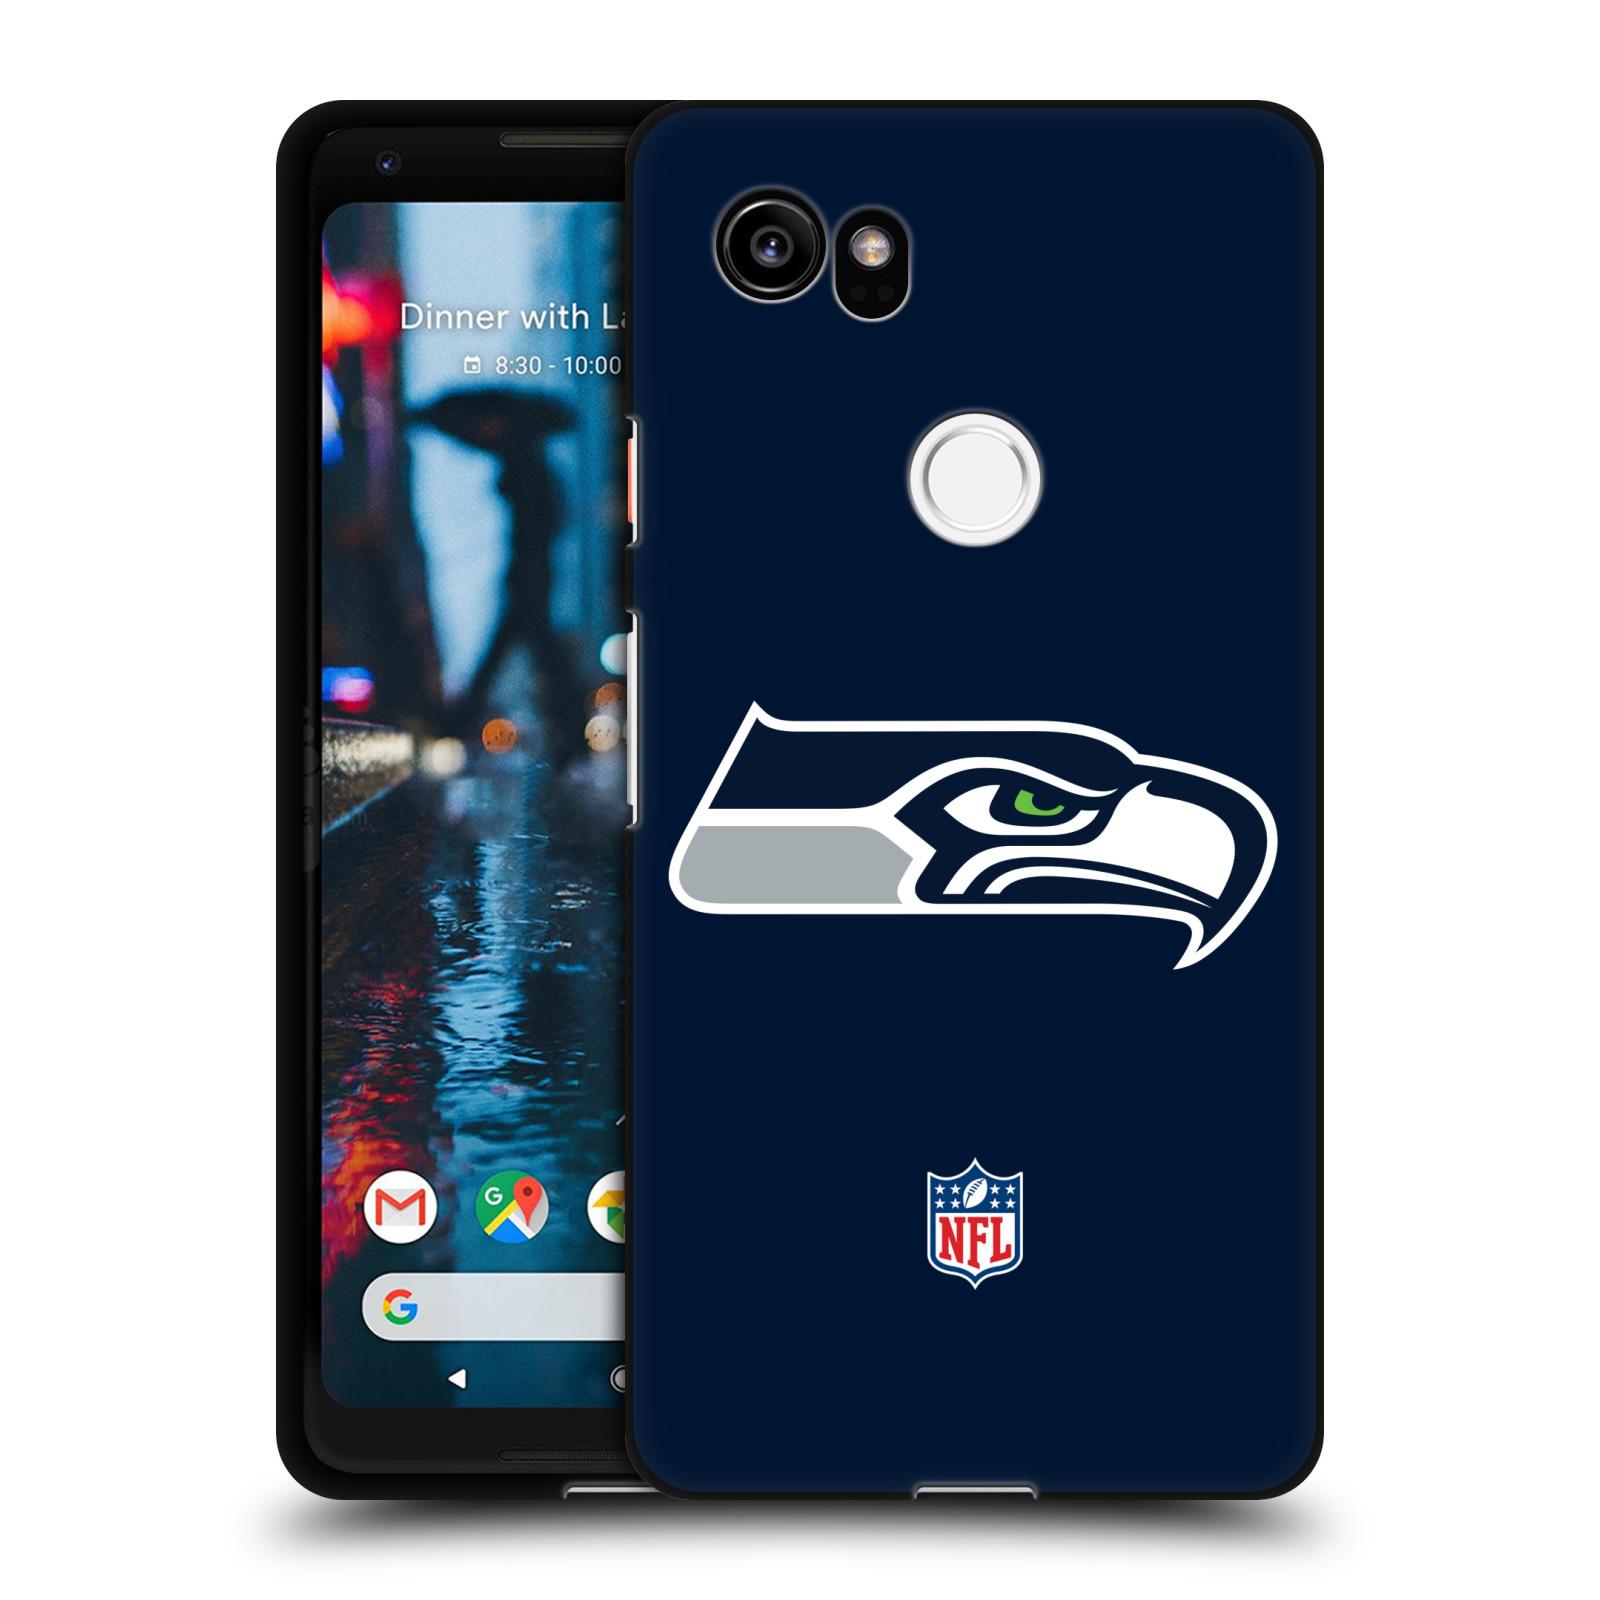 OFFICIAL-NFL-SEATTLE-SEAHAWKS-LOGO-BLACK-SOFT-GEL-CASE-FOR-GOOGLE-PHONES